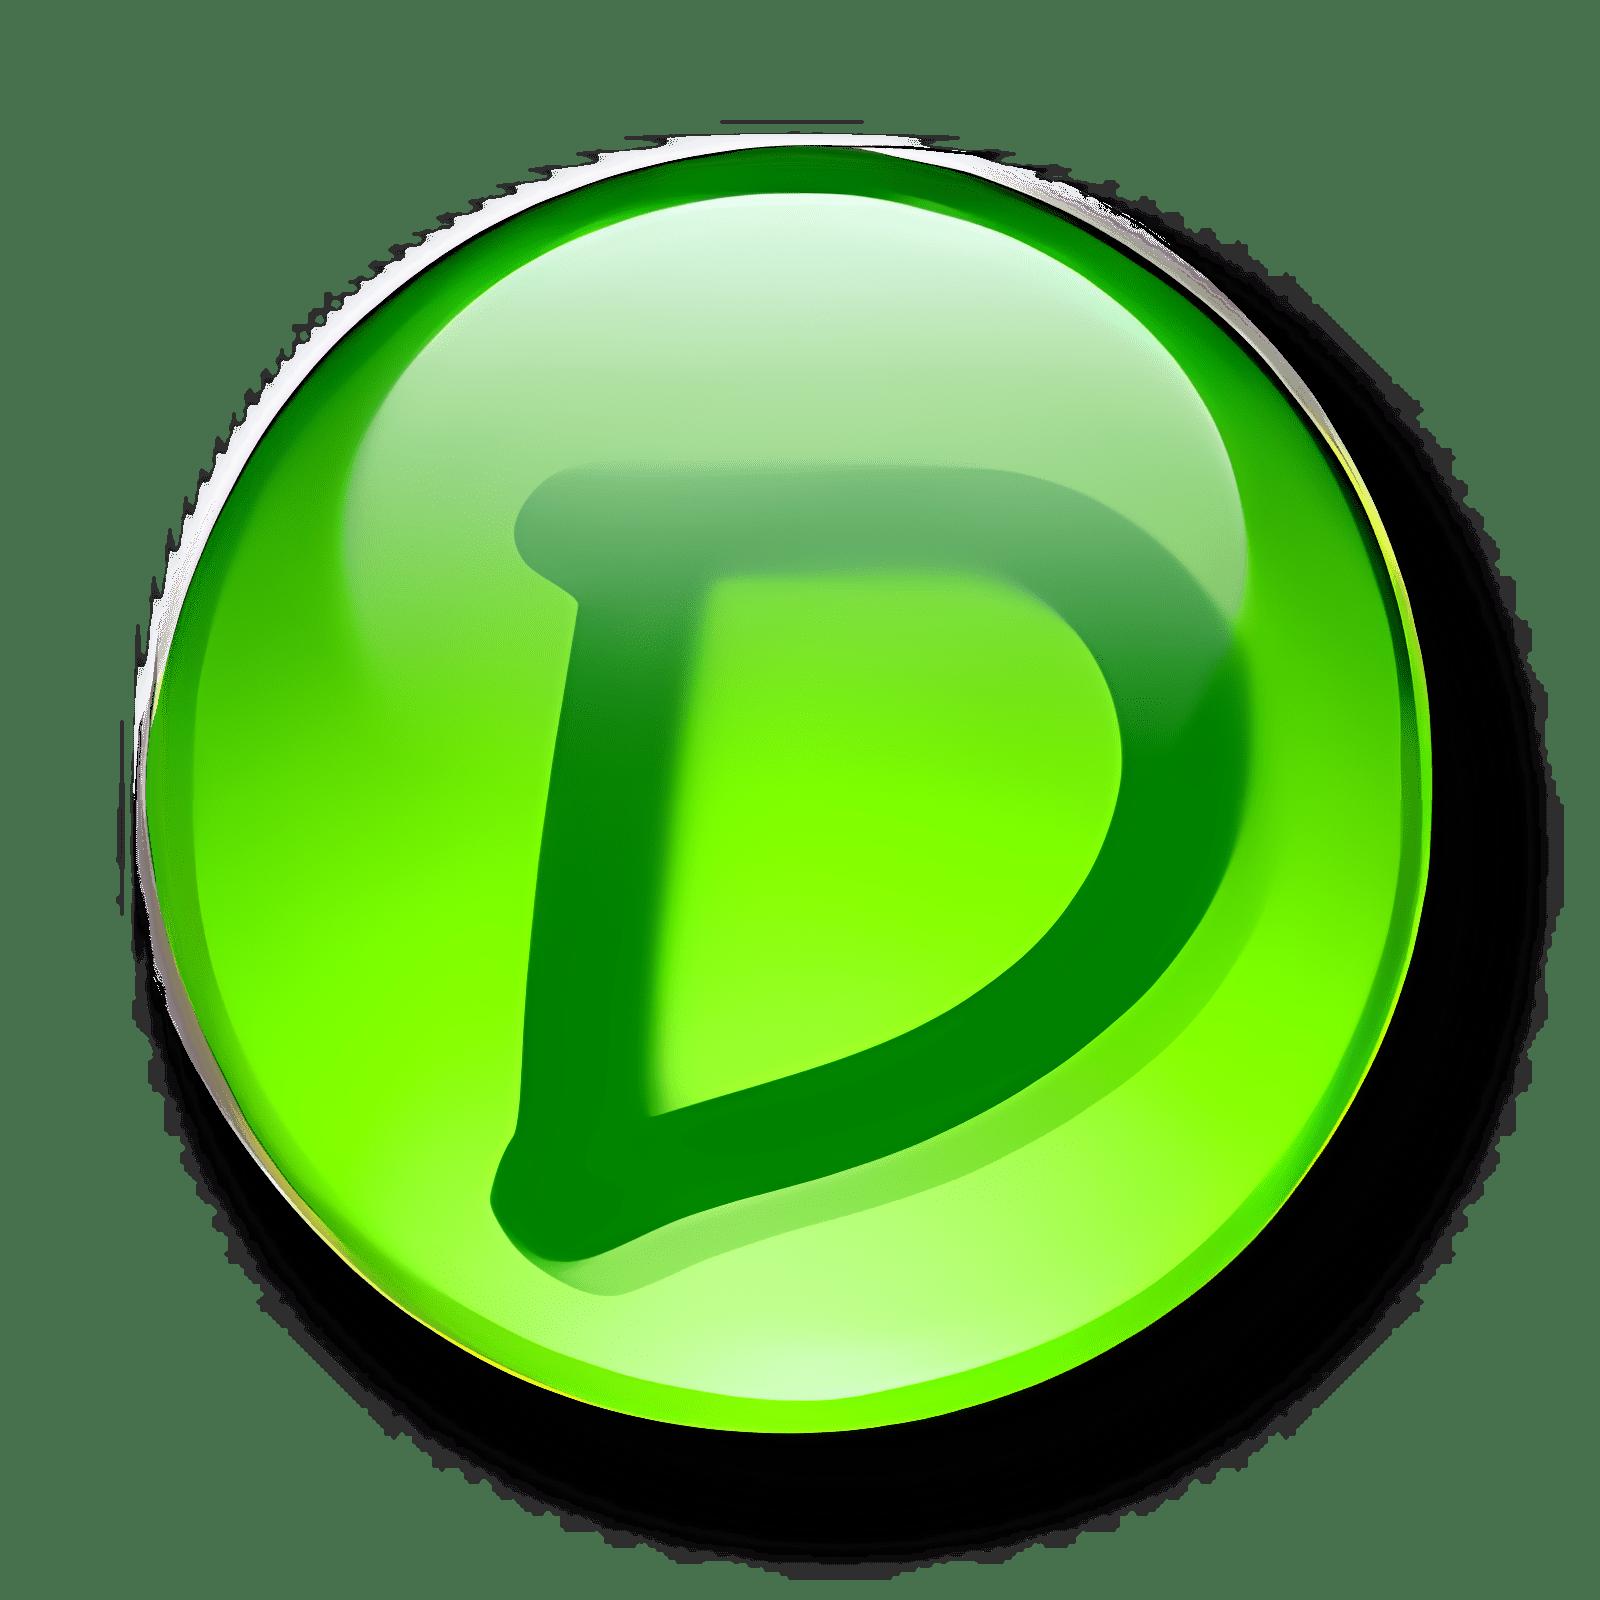 CrystalDiskMark 3.0.1a Portable